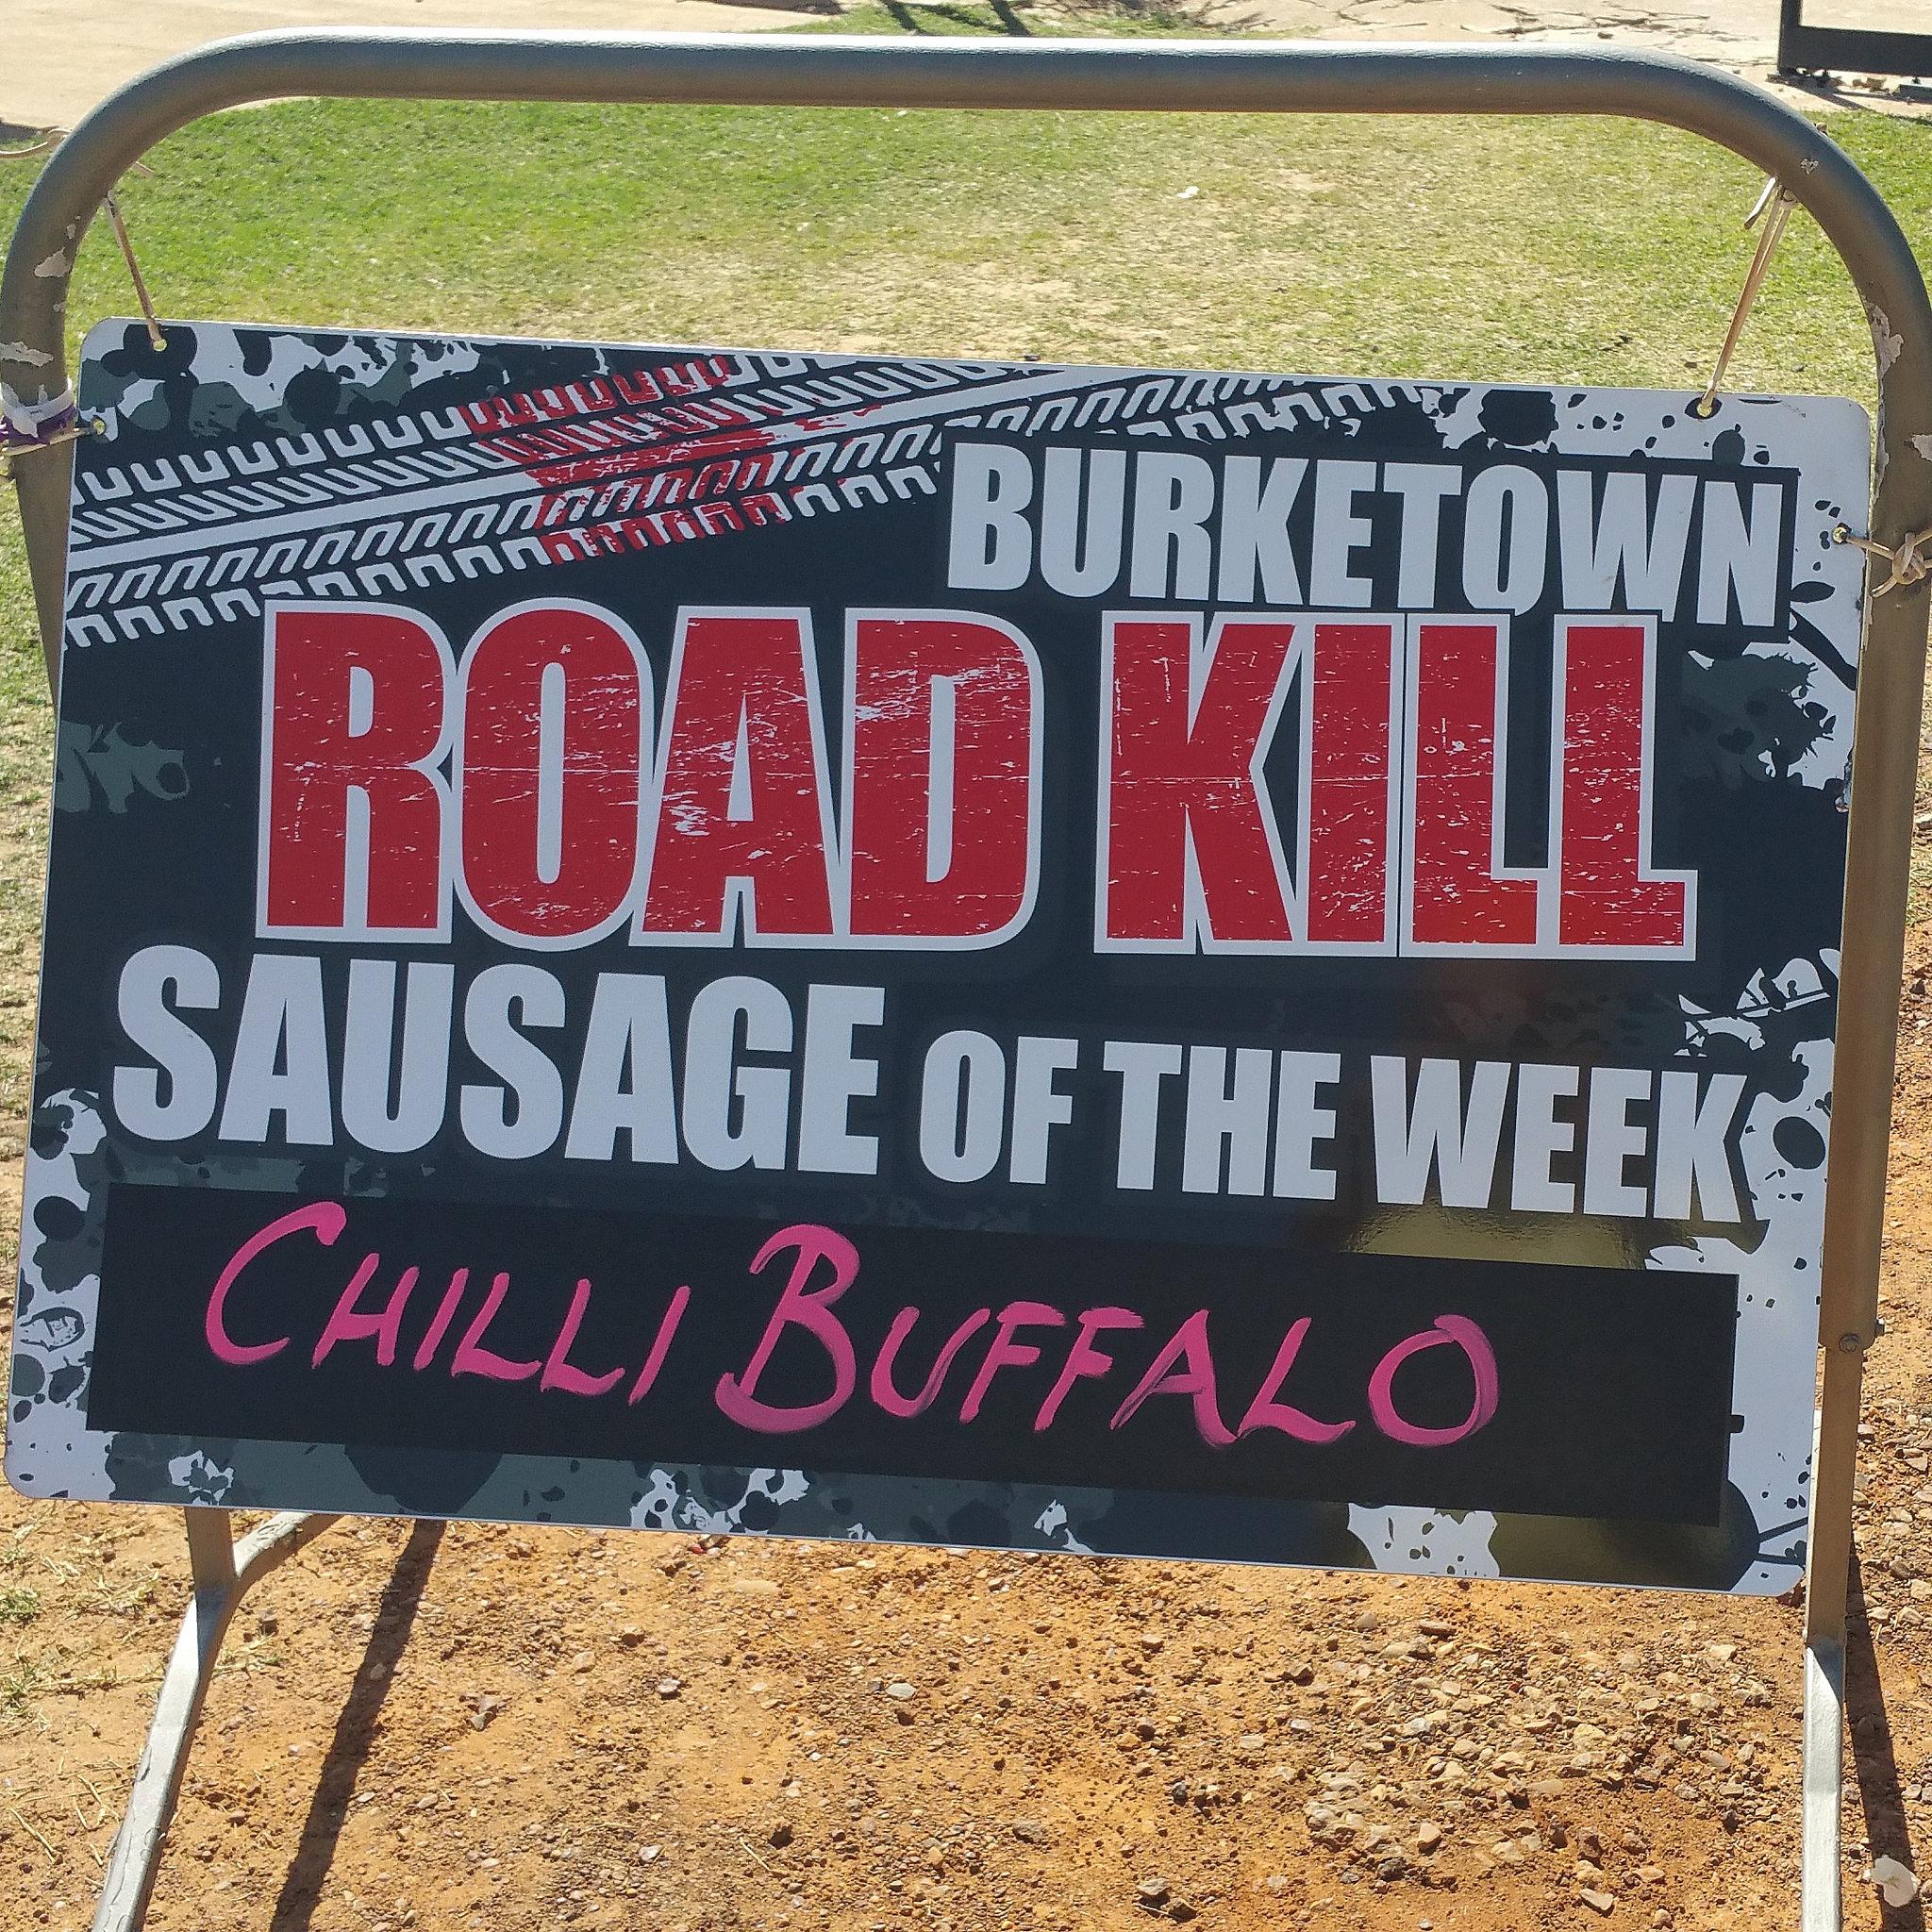 Qld, Burketown